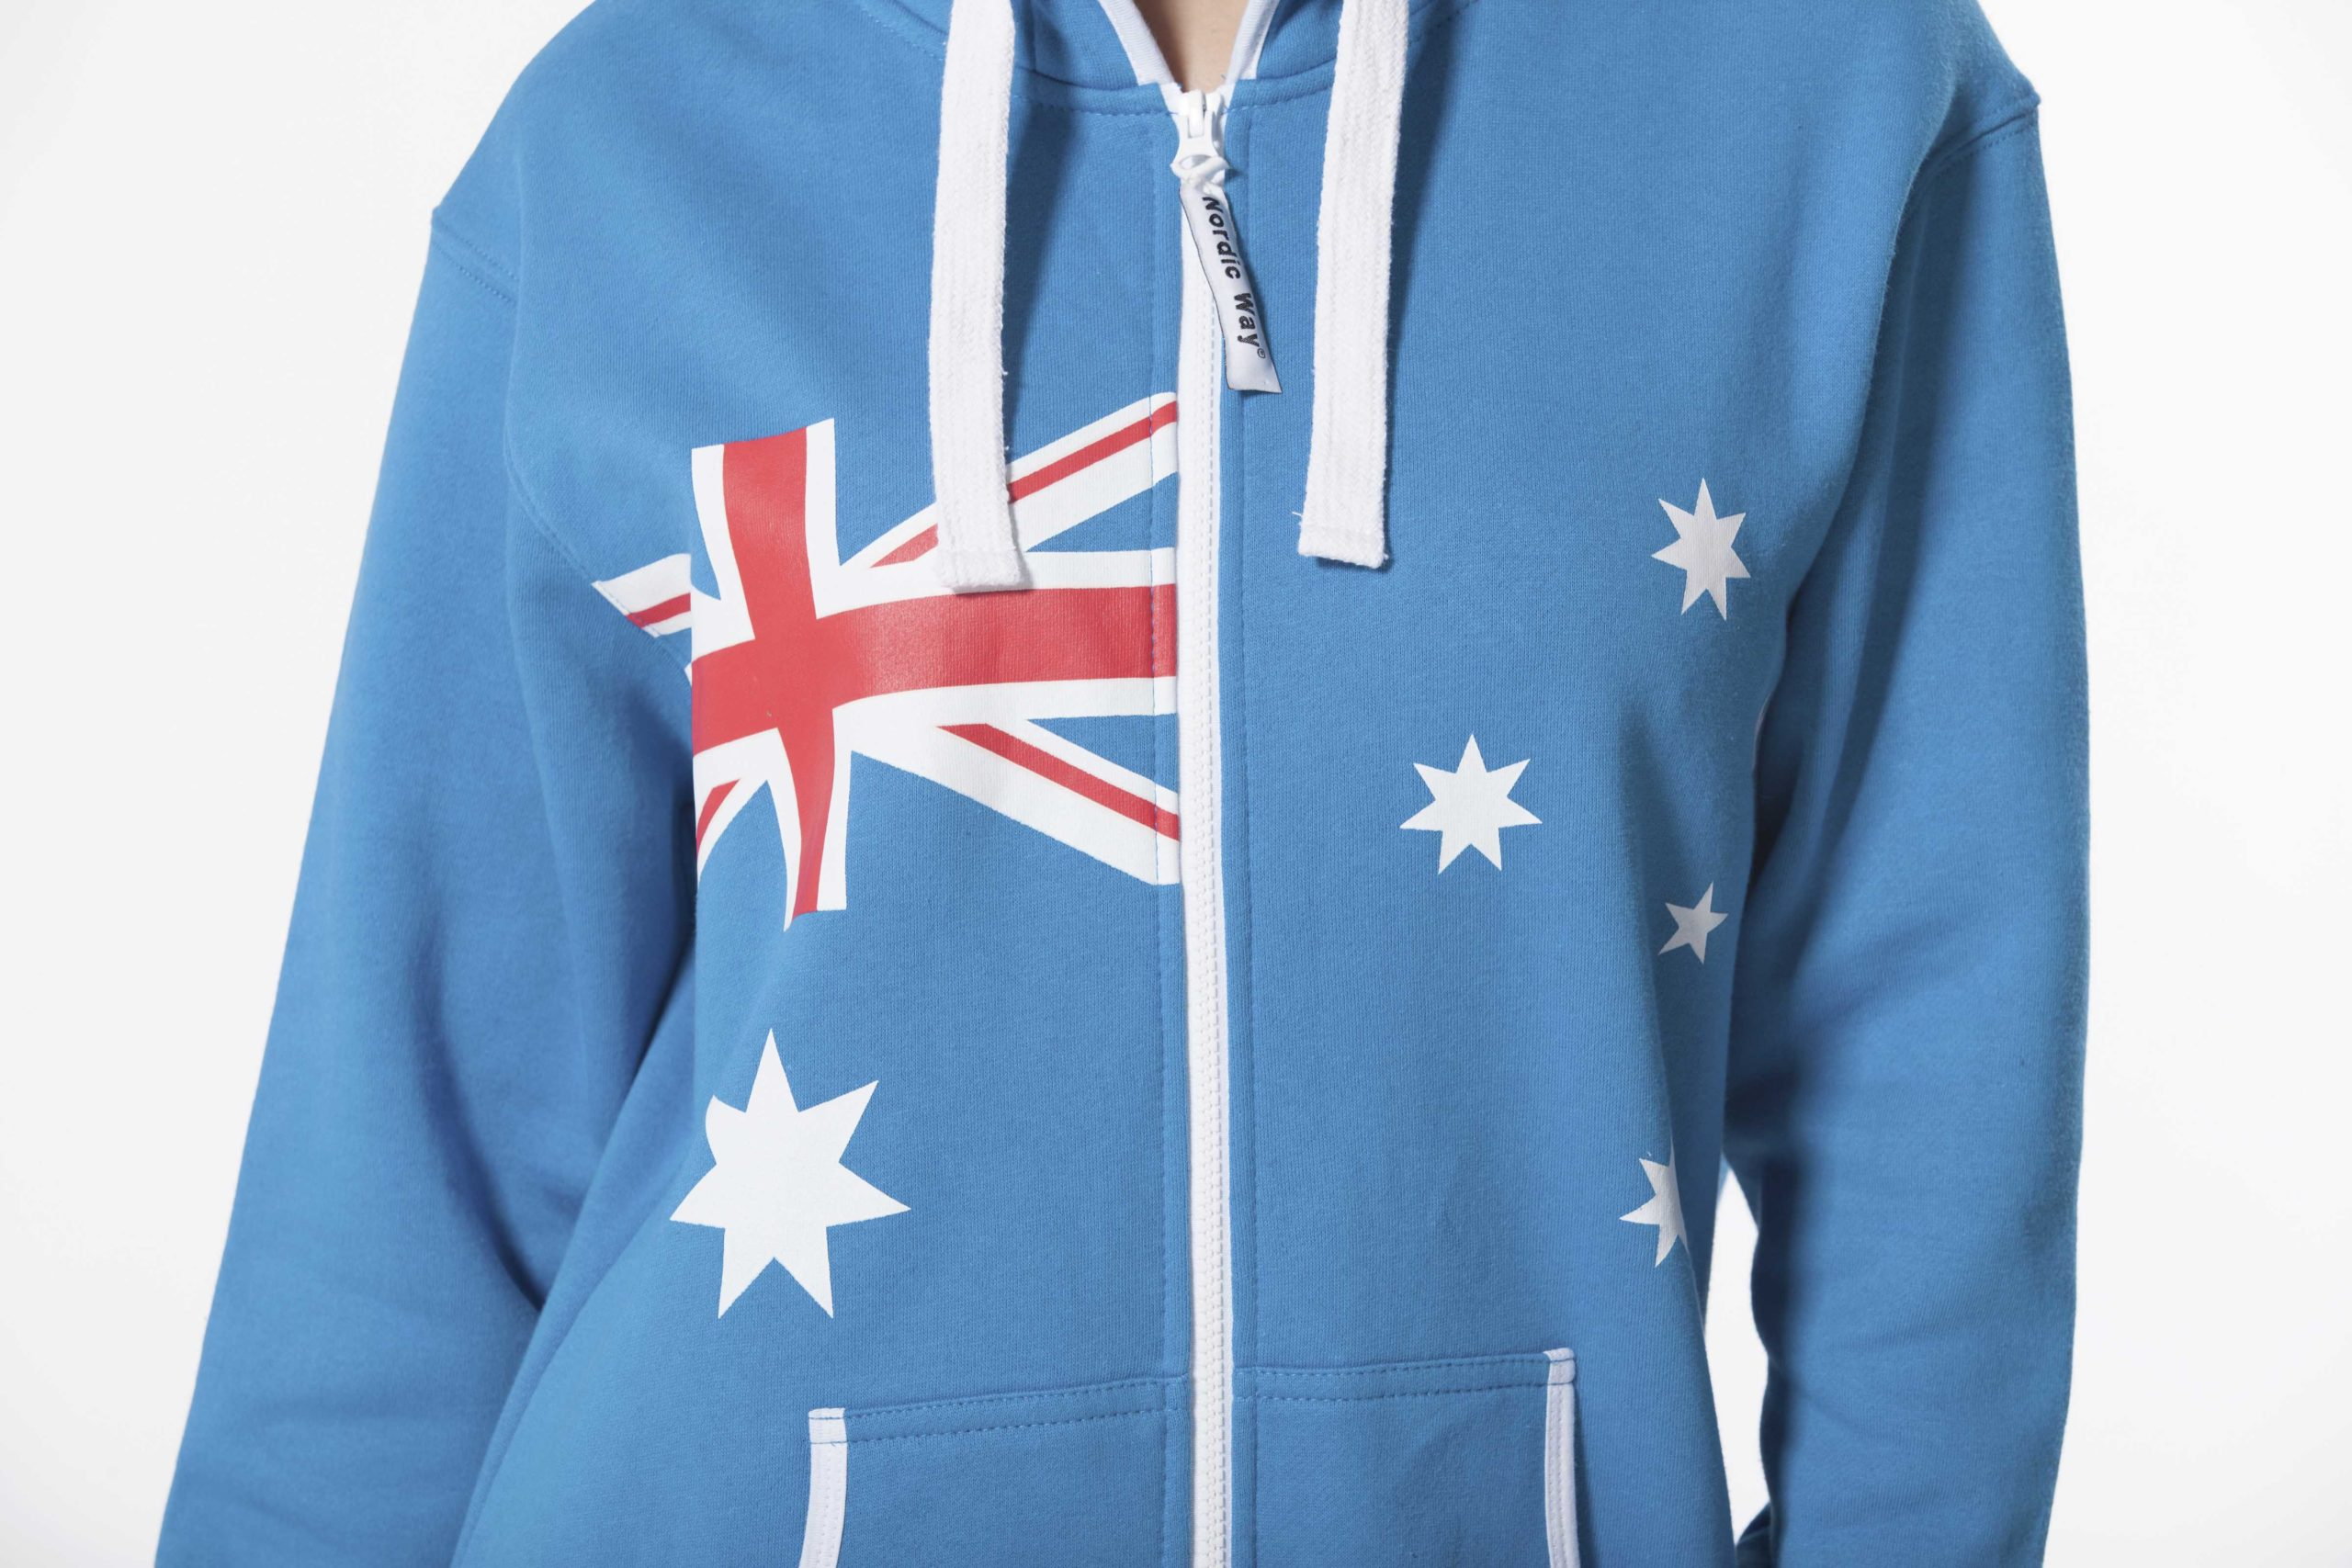 Комбинезон с флагом Австралии 3